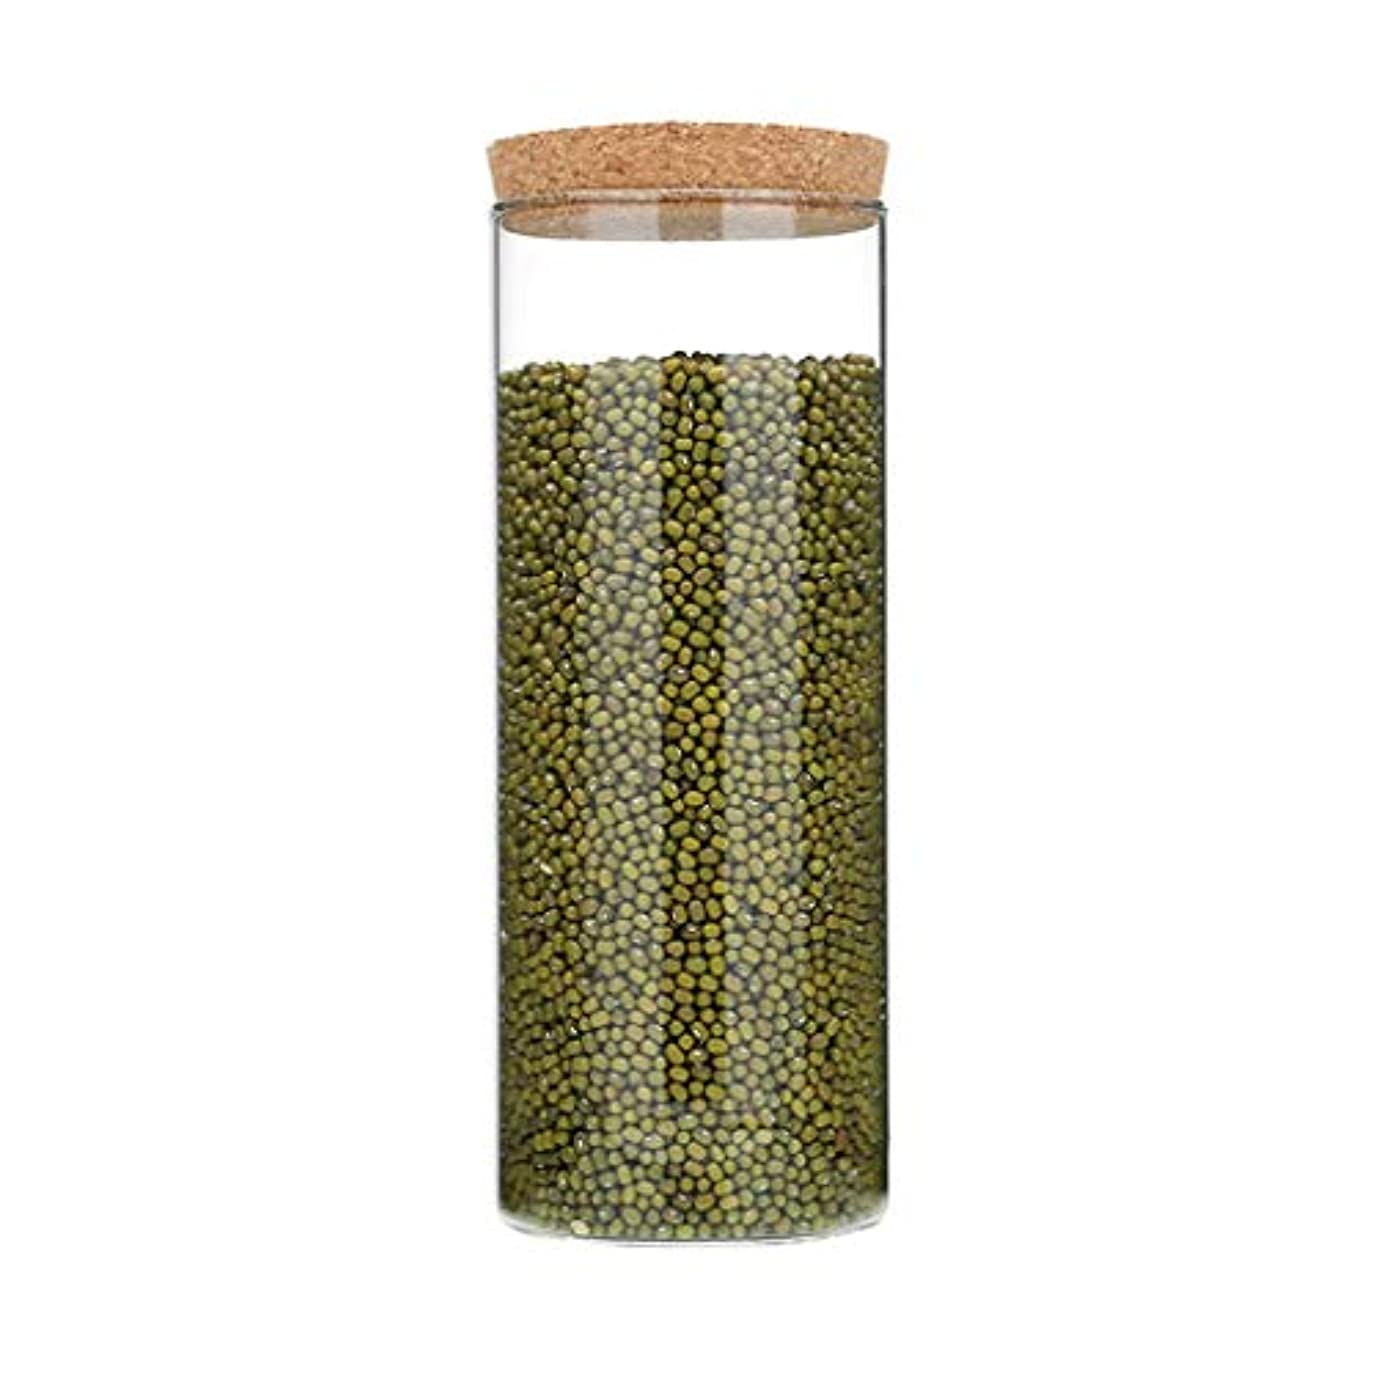 四限界発行するガラスびんシール密閉容器コルクストッパー透明茶穀類乾燥食品食品貯蔵タンク (サイズ さいず : 10 * 25cm)